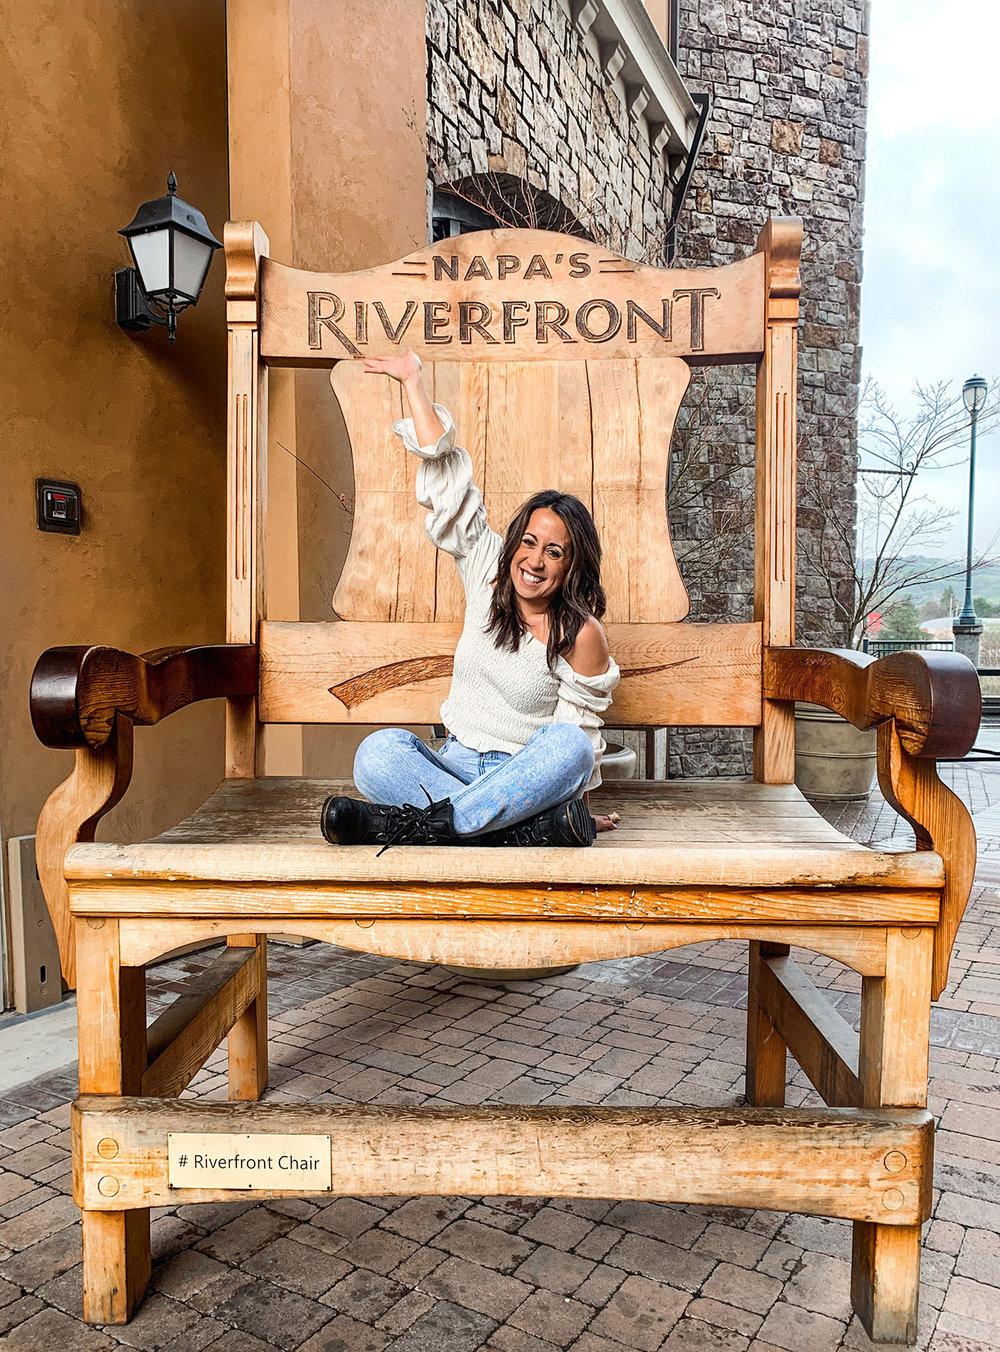 Napa Riverfront Chair